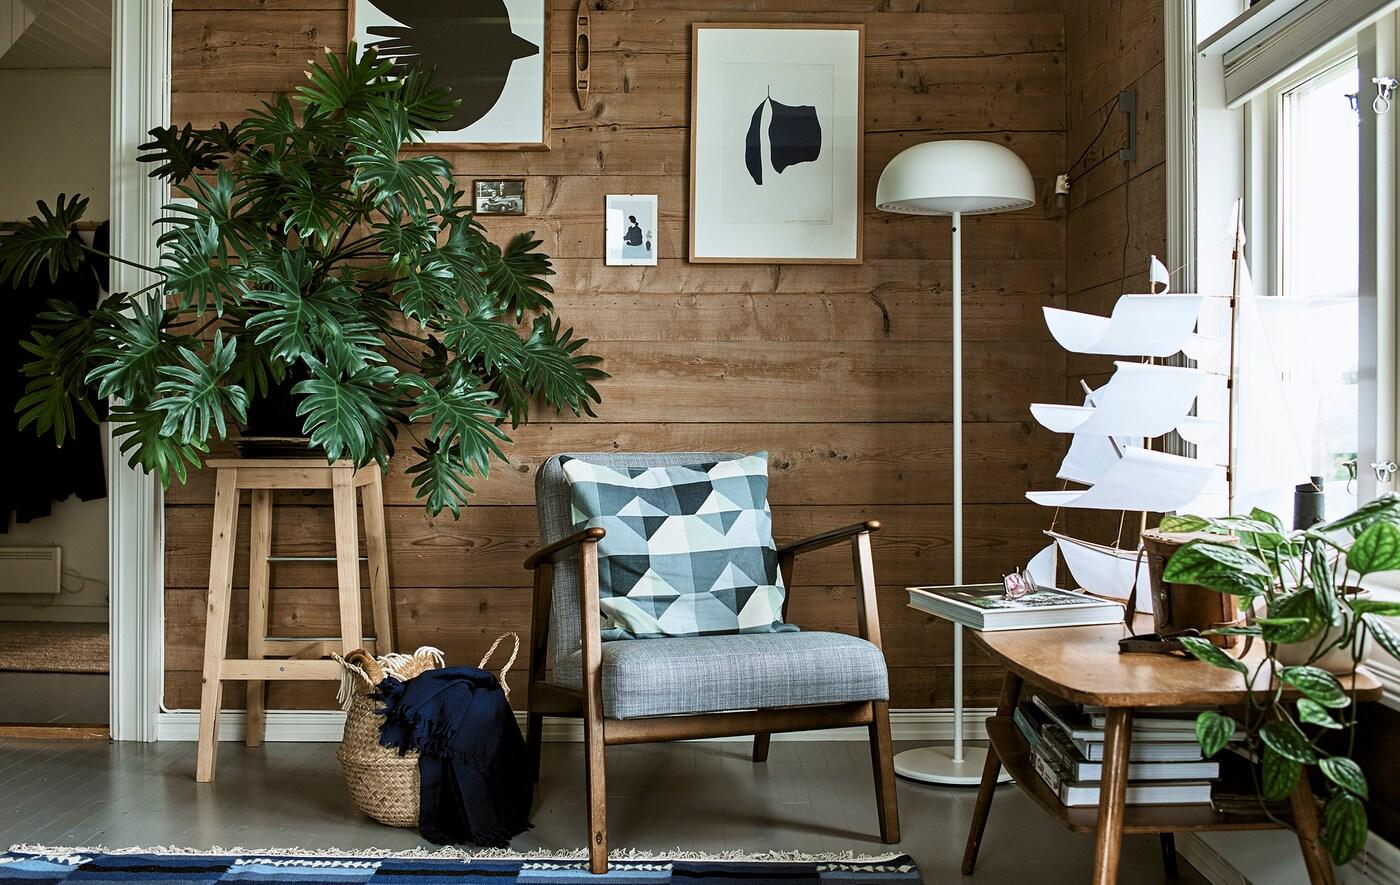 Un salon rustique avec un fauteuil à structure en bois, un lampadaire blanc et un tabouret faisant office de support pour une grosse plante feuillue.